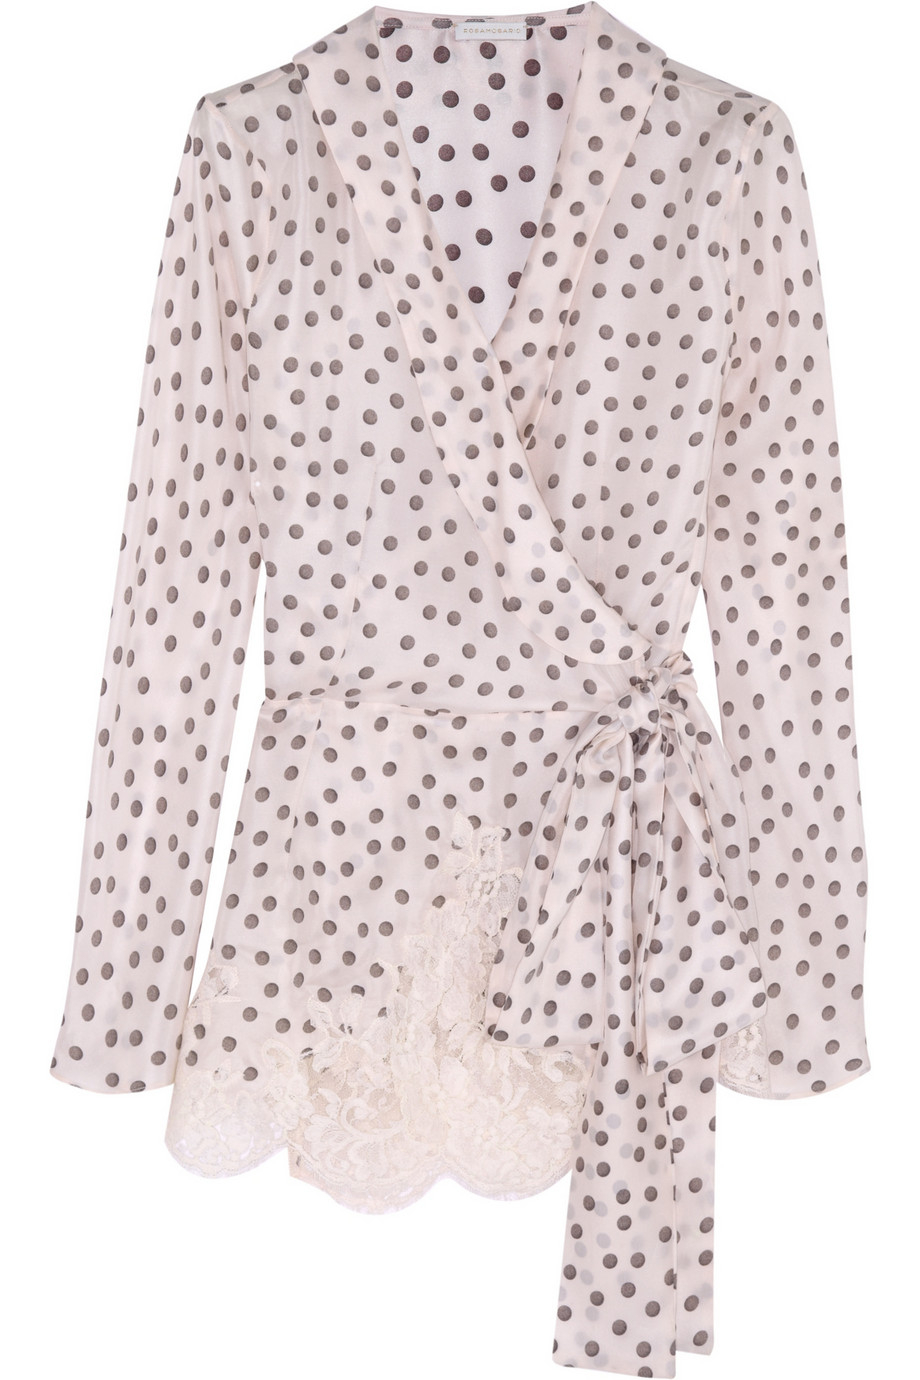 Rosamosario Dots And Lots Lace-Trimmed Polka-Dot Silk Pajama Top ...